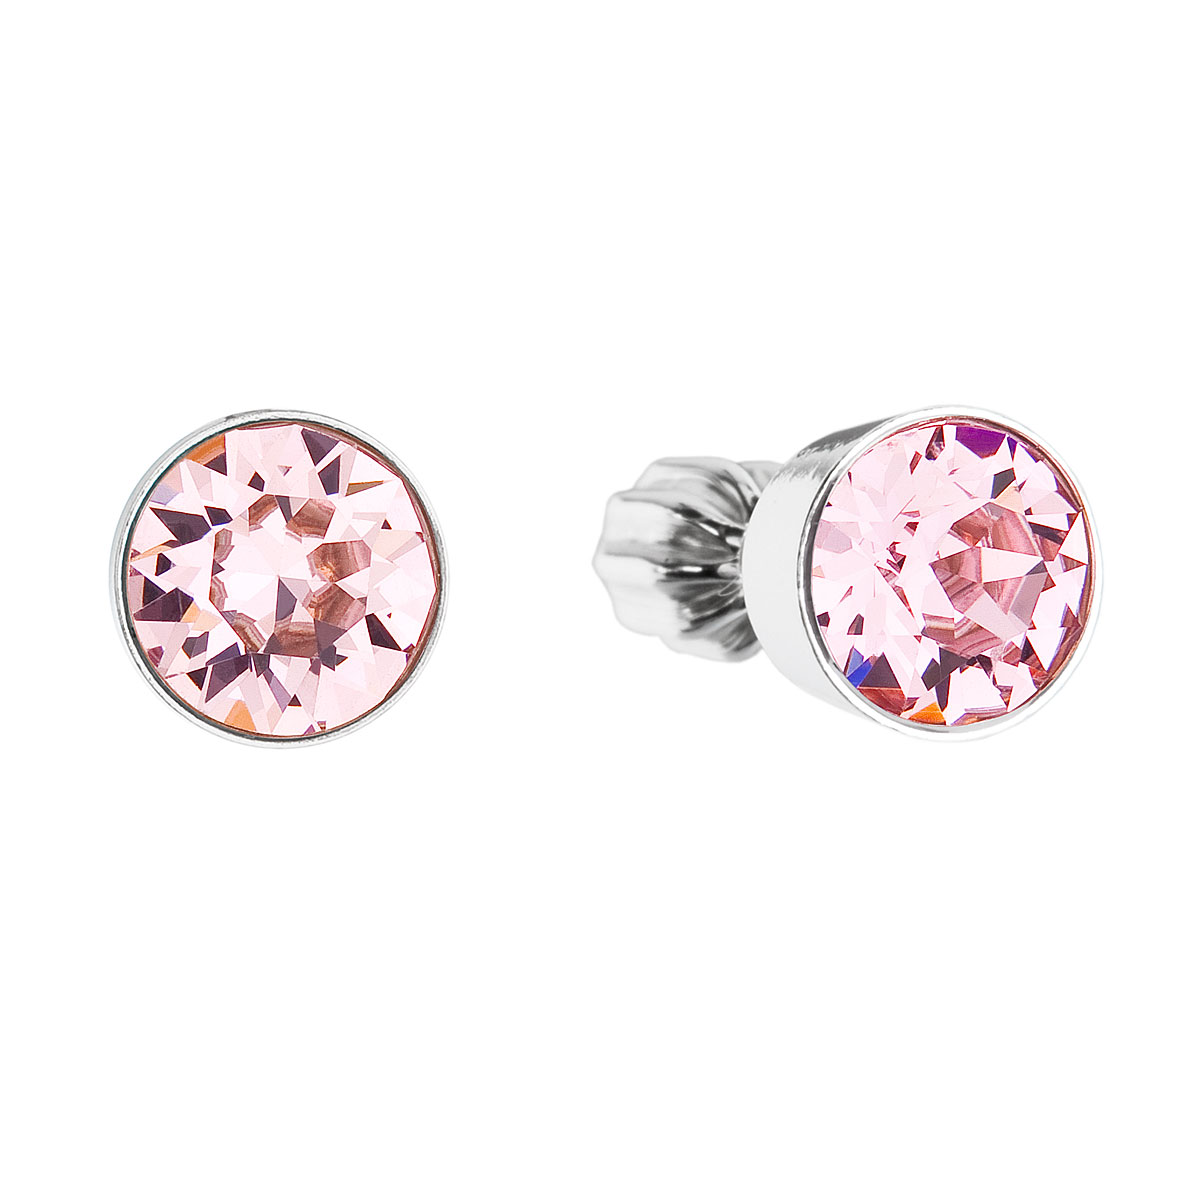 Stříbrné náušnice pecka s krystaly růžové kulaté 31113.3 light rose